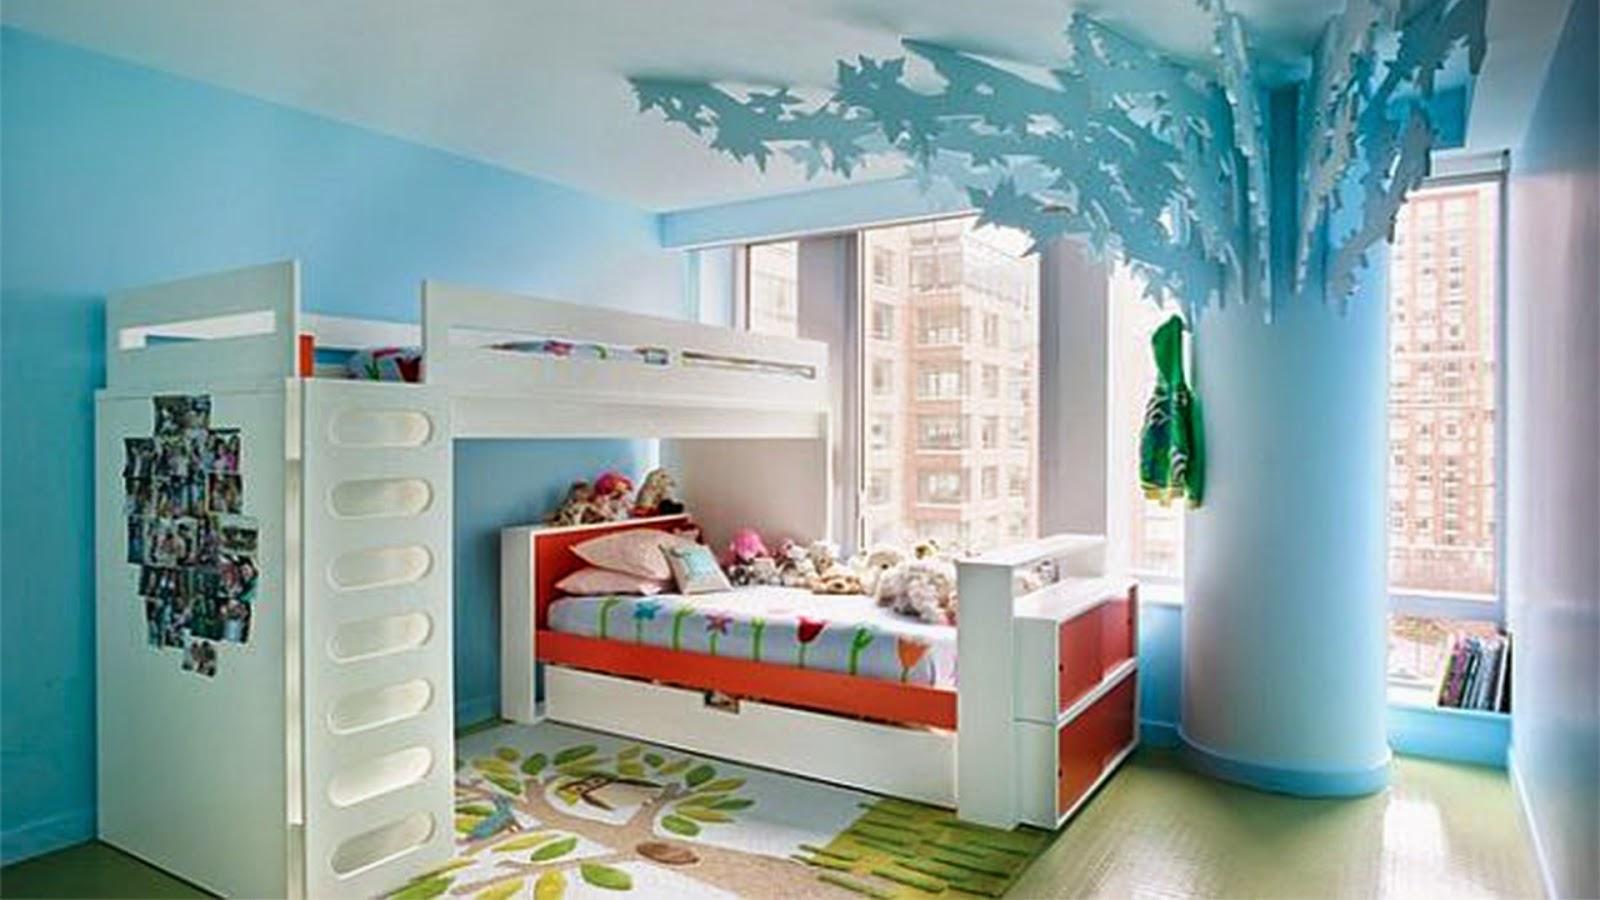 17 Desain kamar Anak Bertemakan Frozen yang Lucu  RUMAH